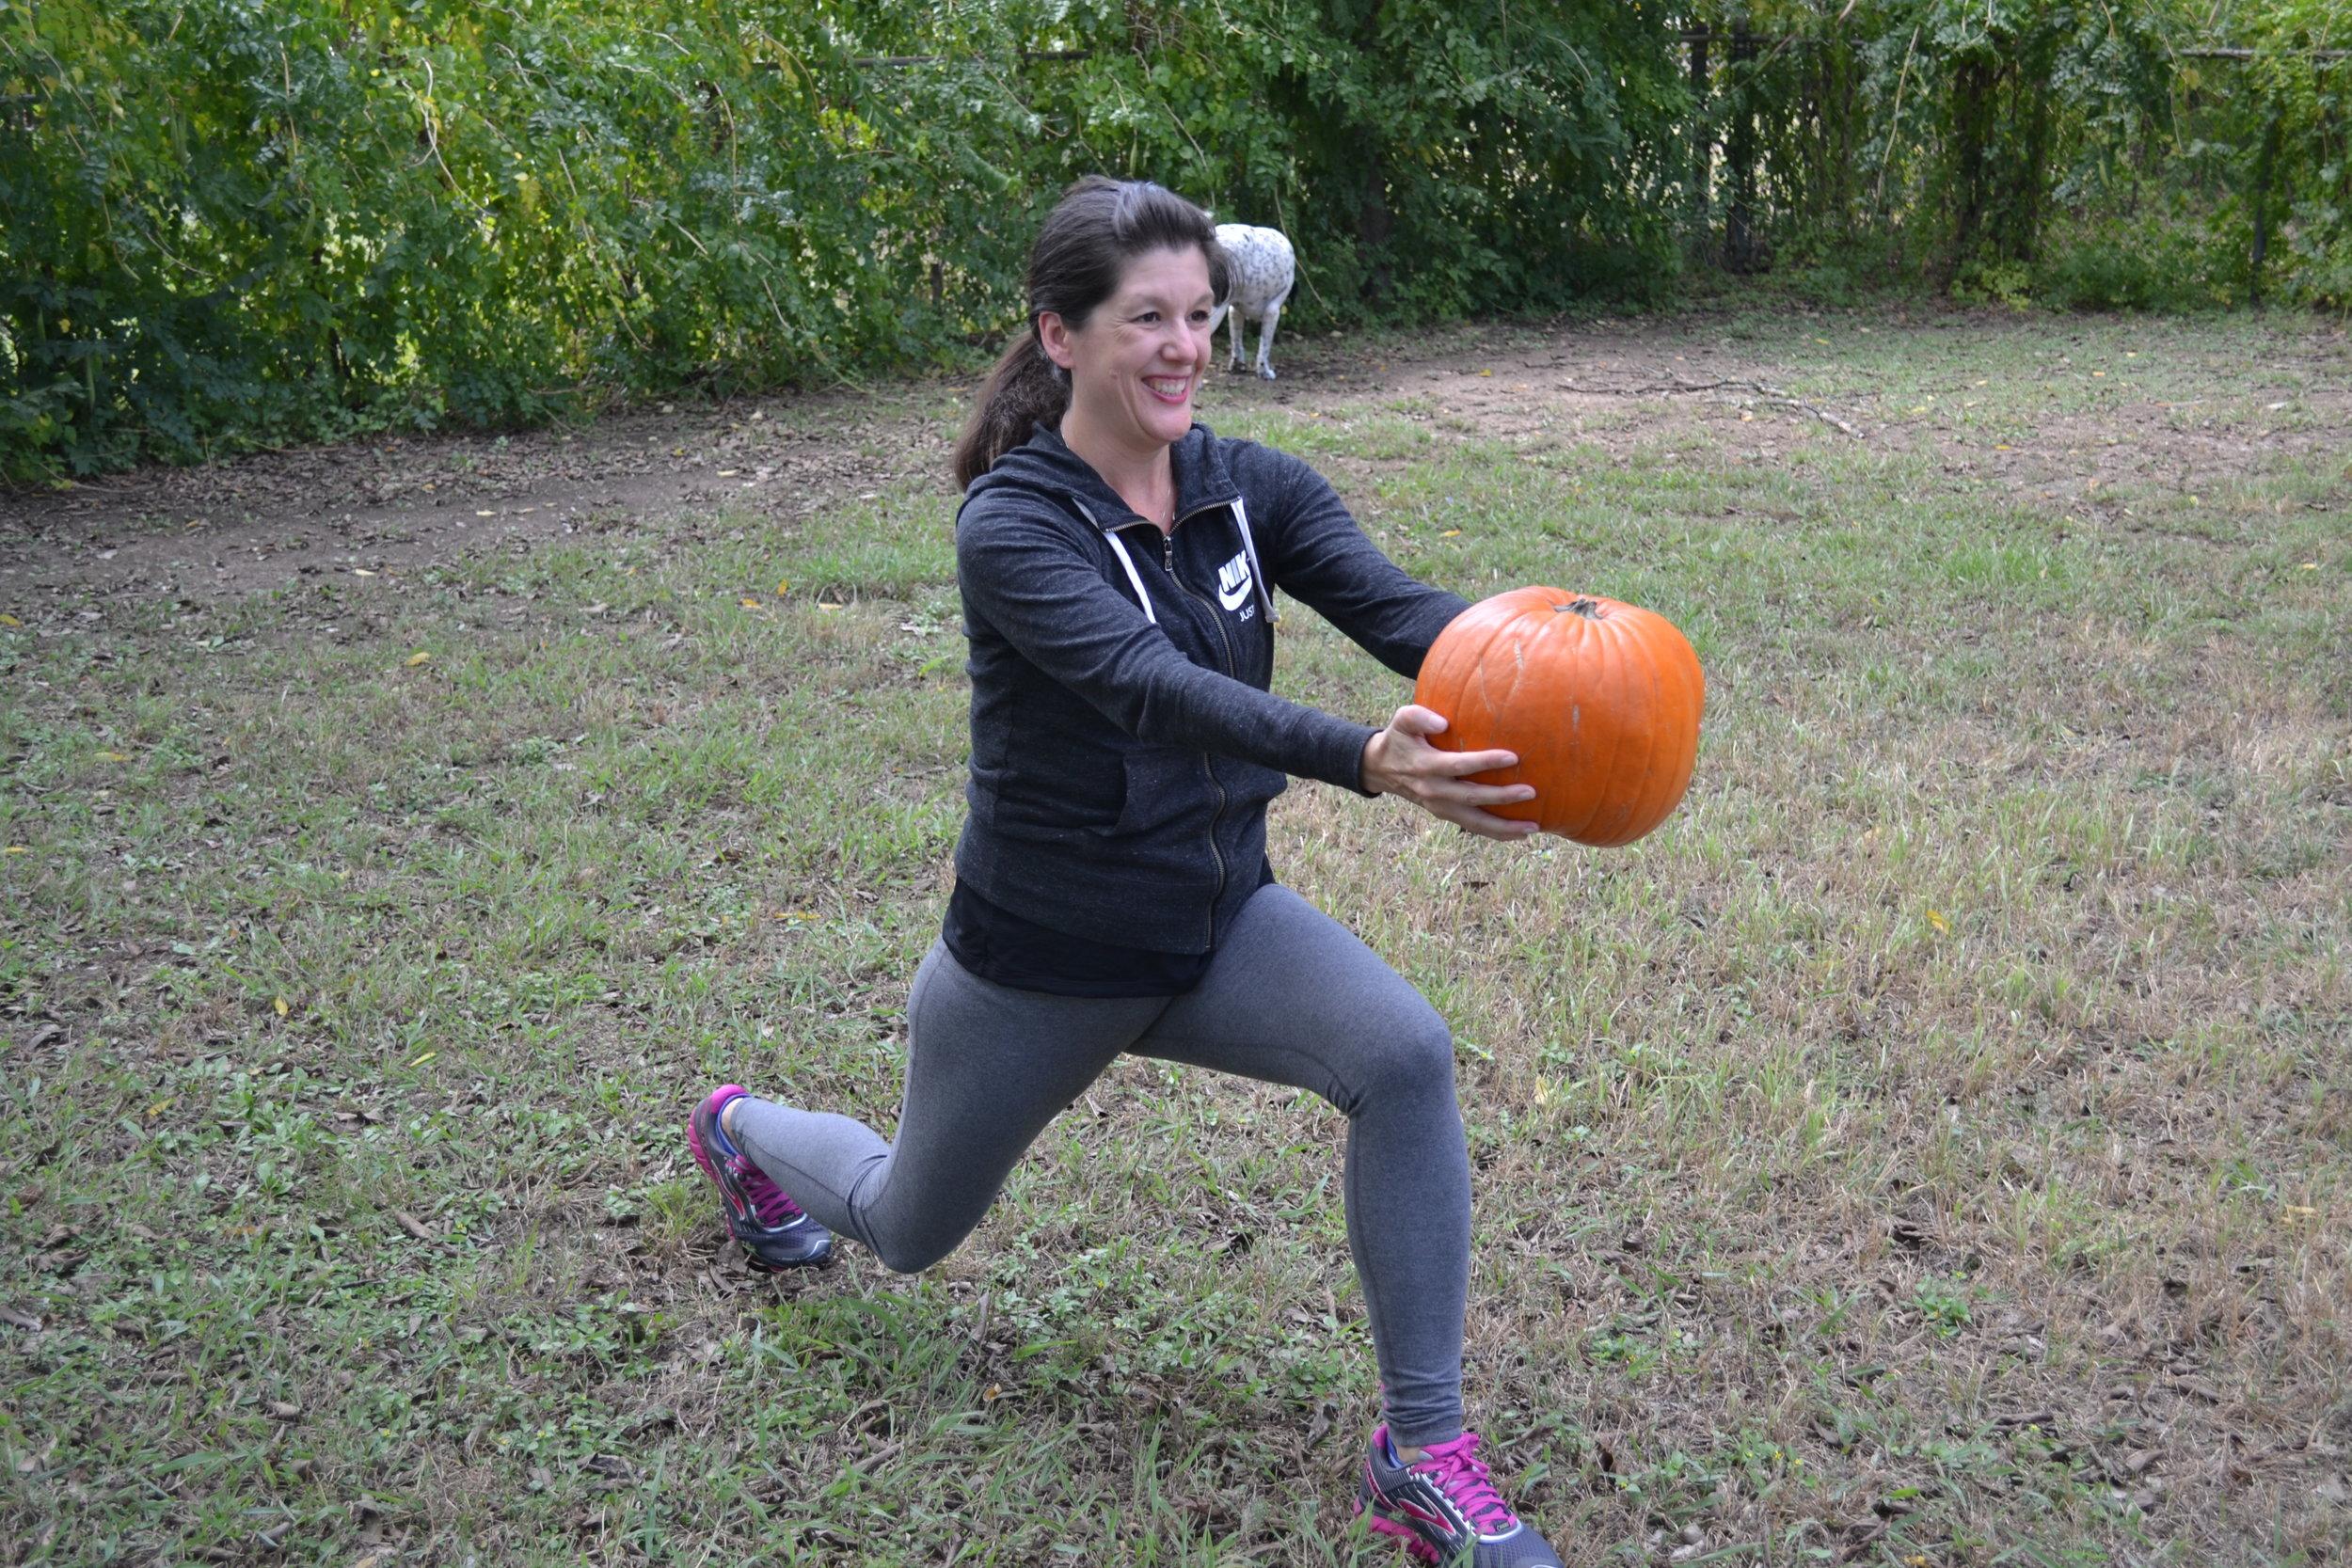 The Great Pumpkin Workout